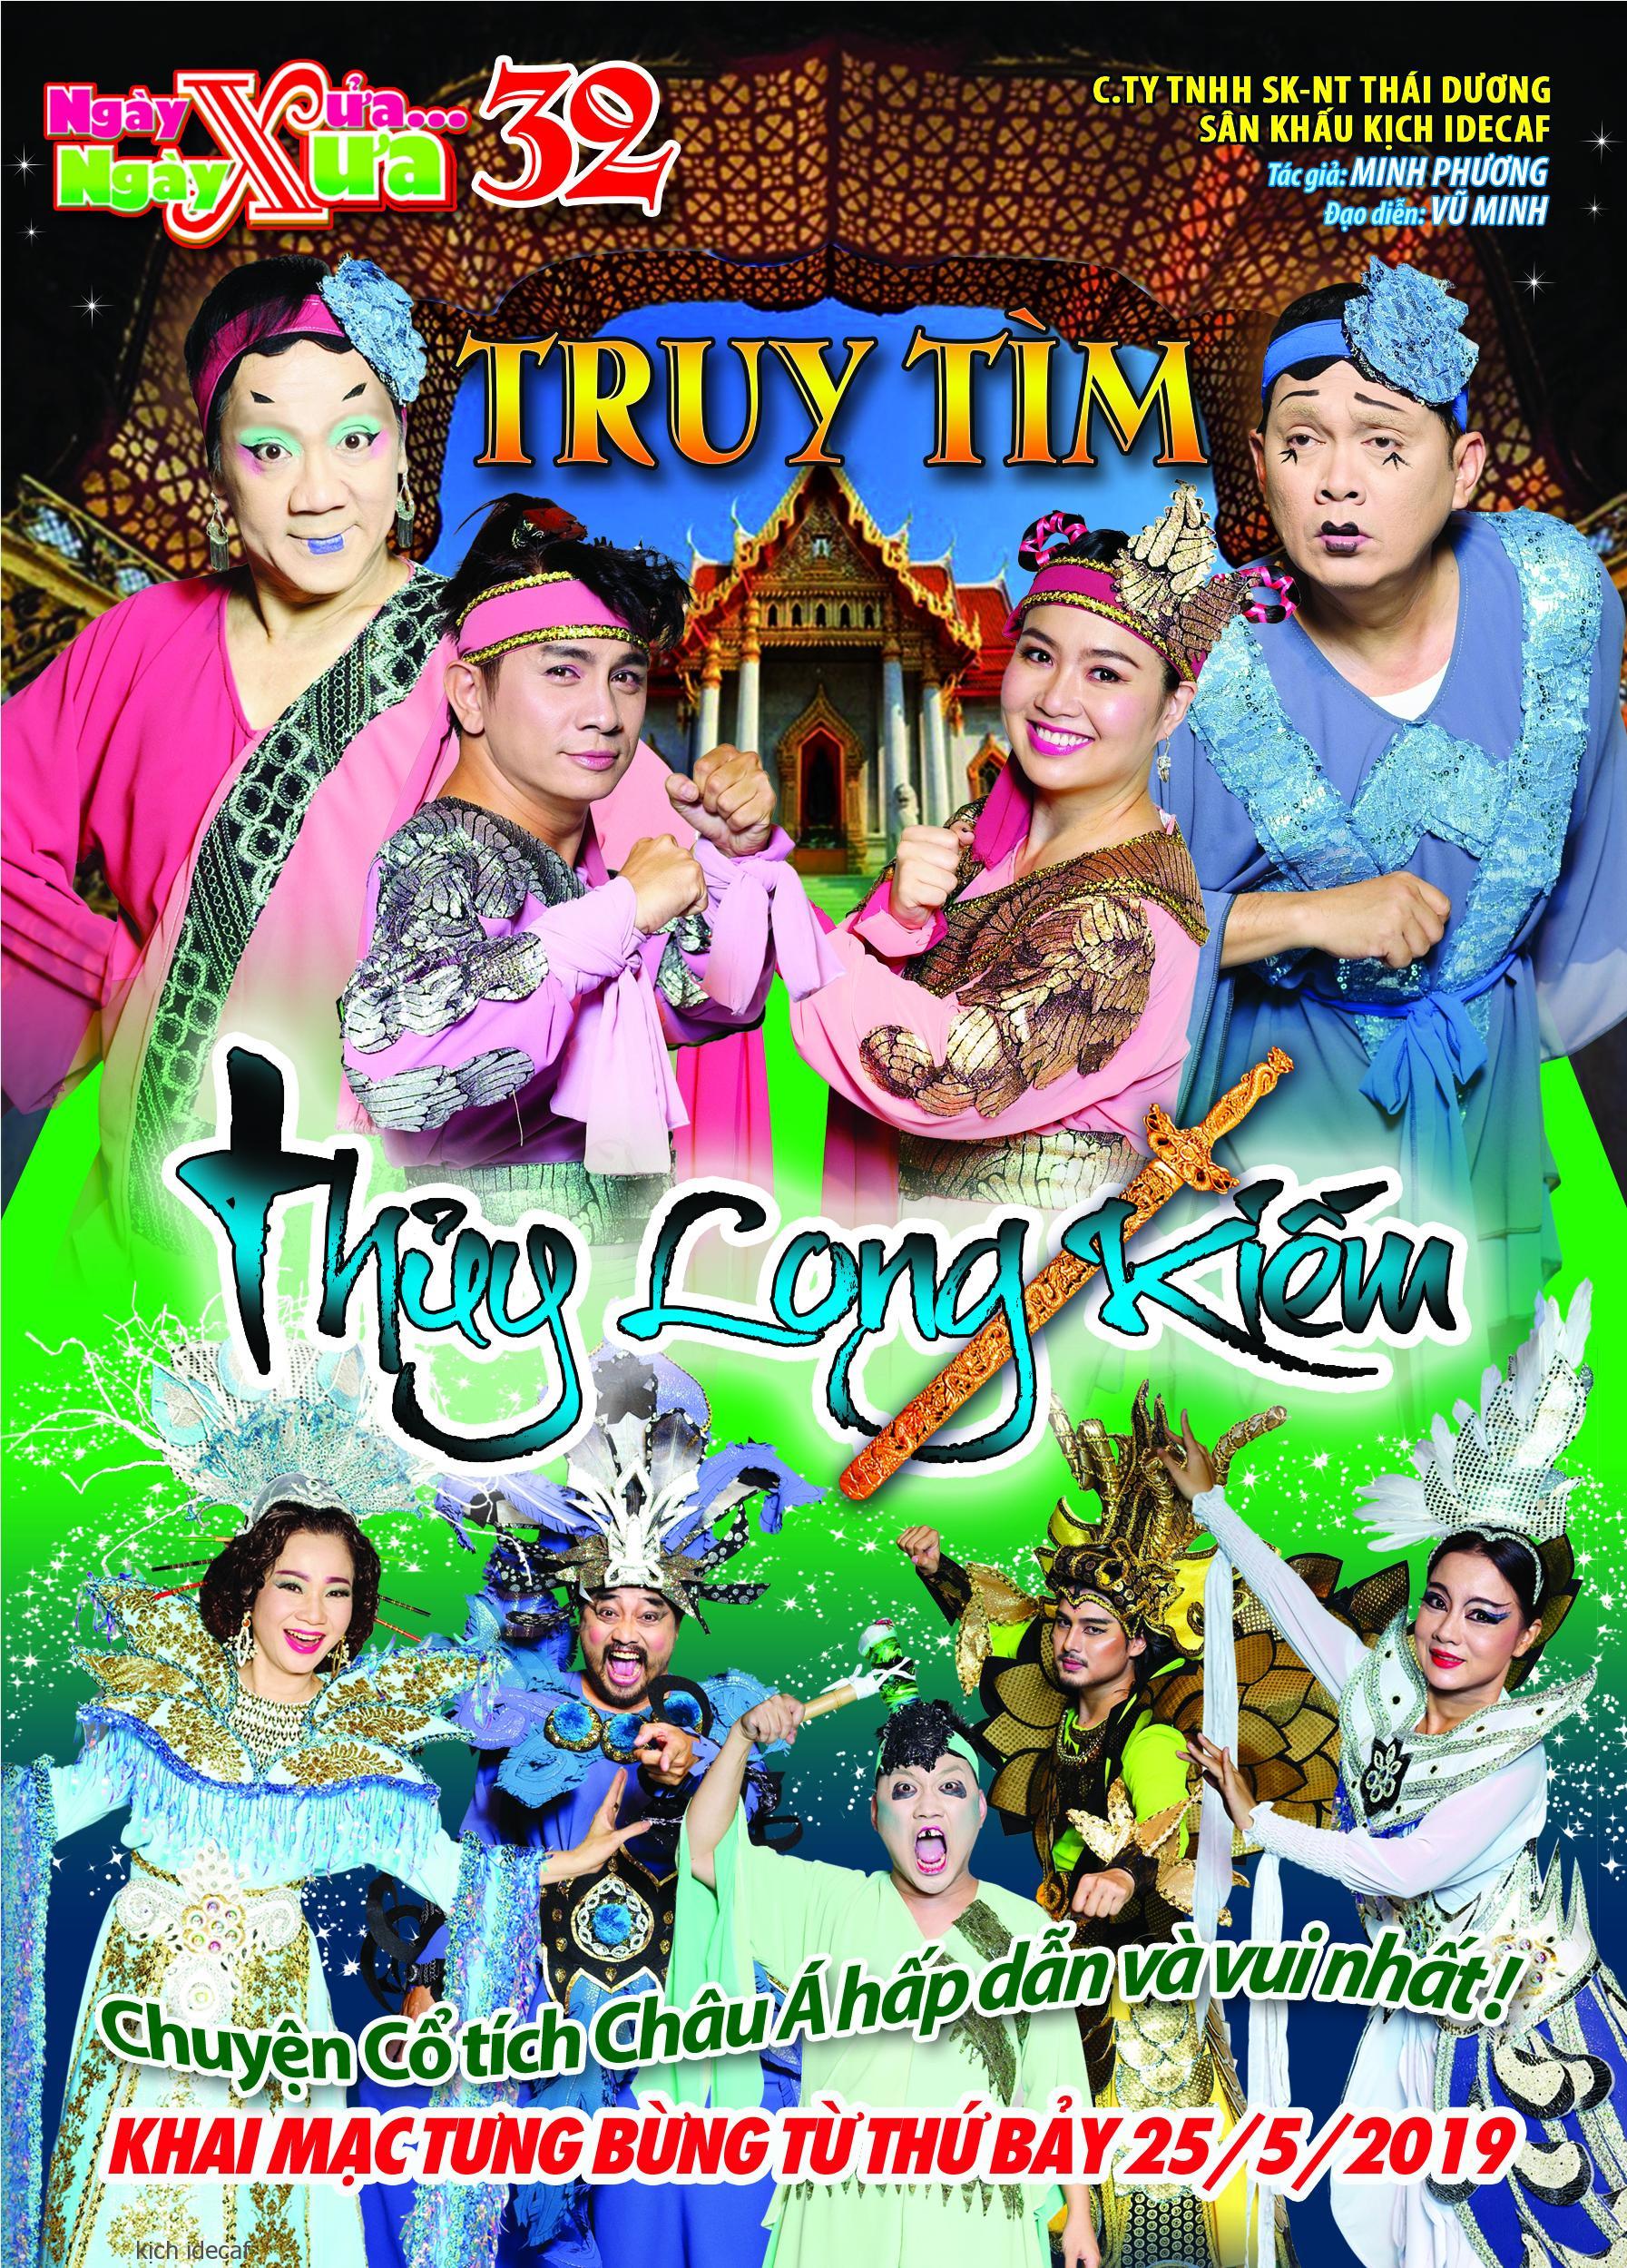 TRUY TÌM THỦY LONG KIẾM - NXNX 32